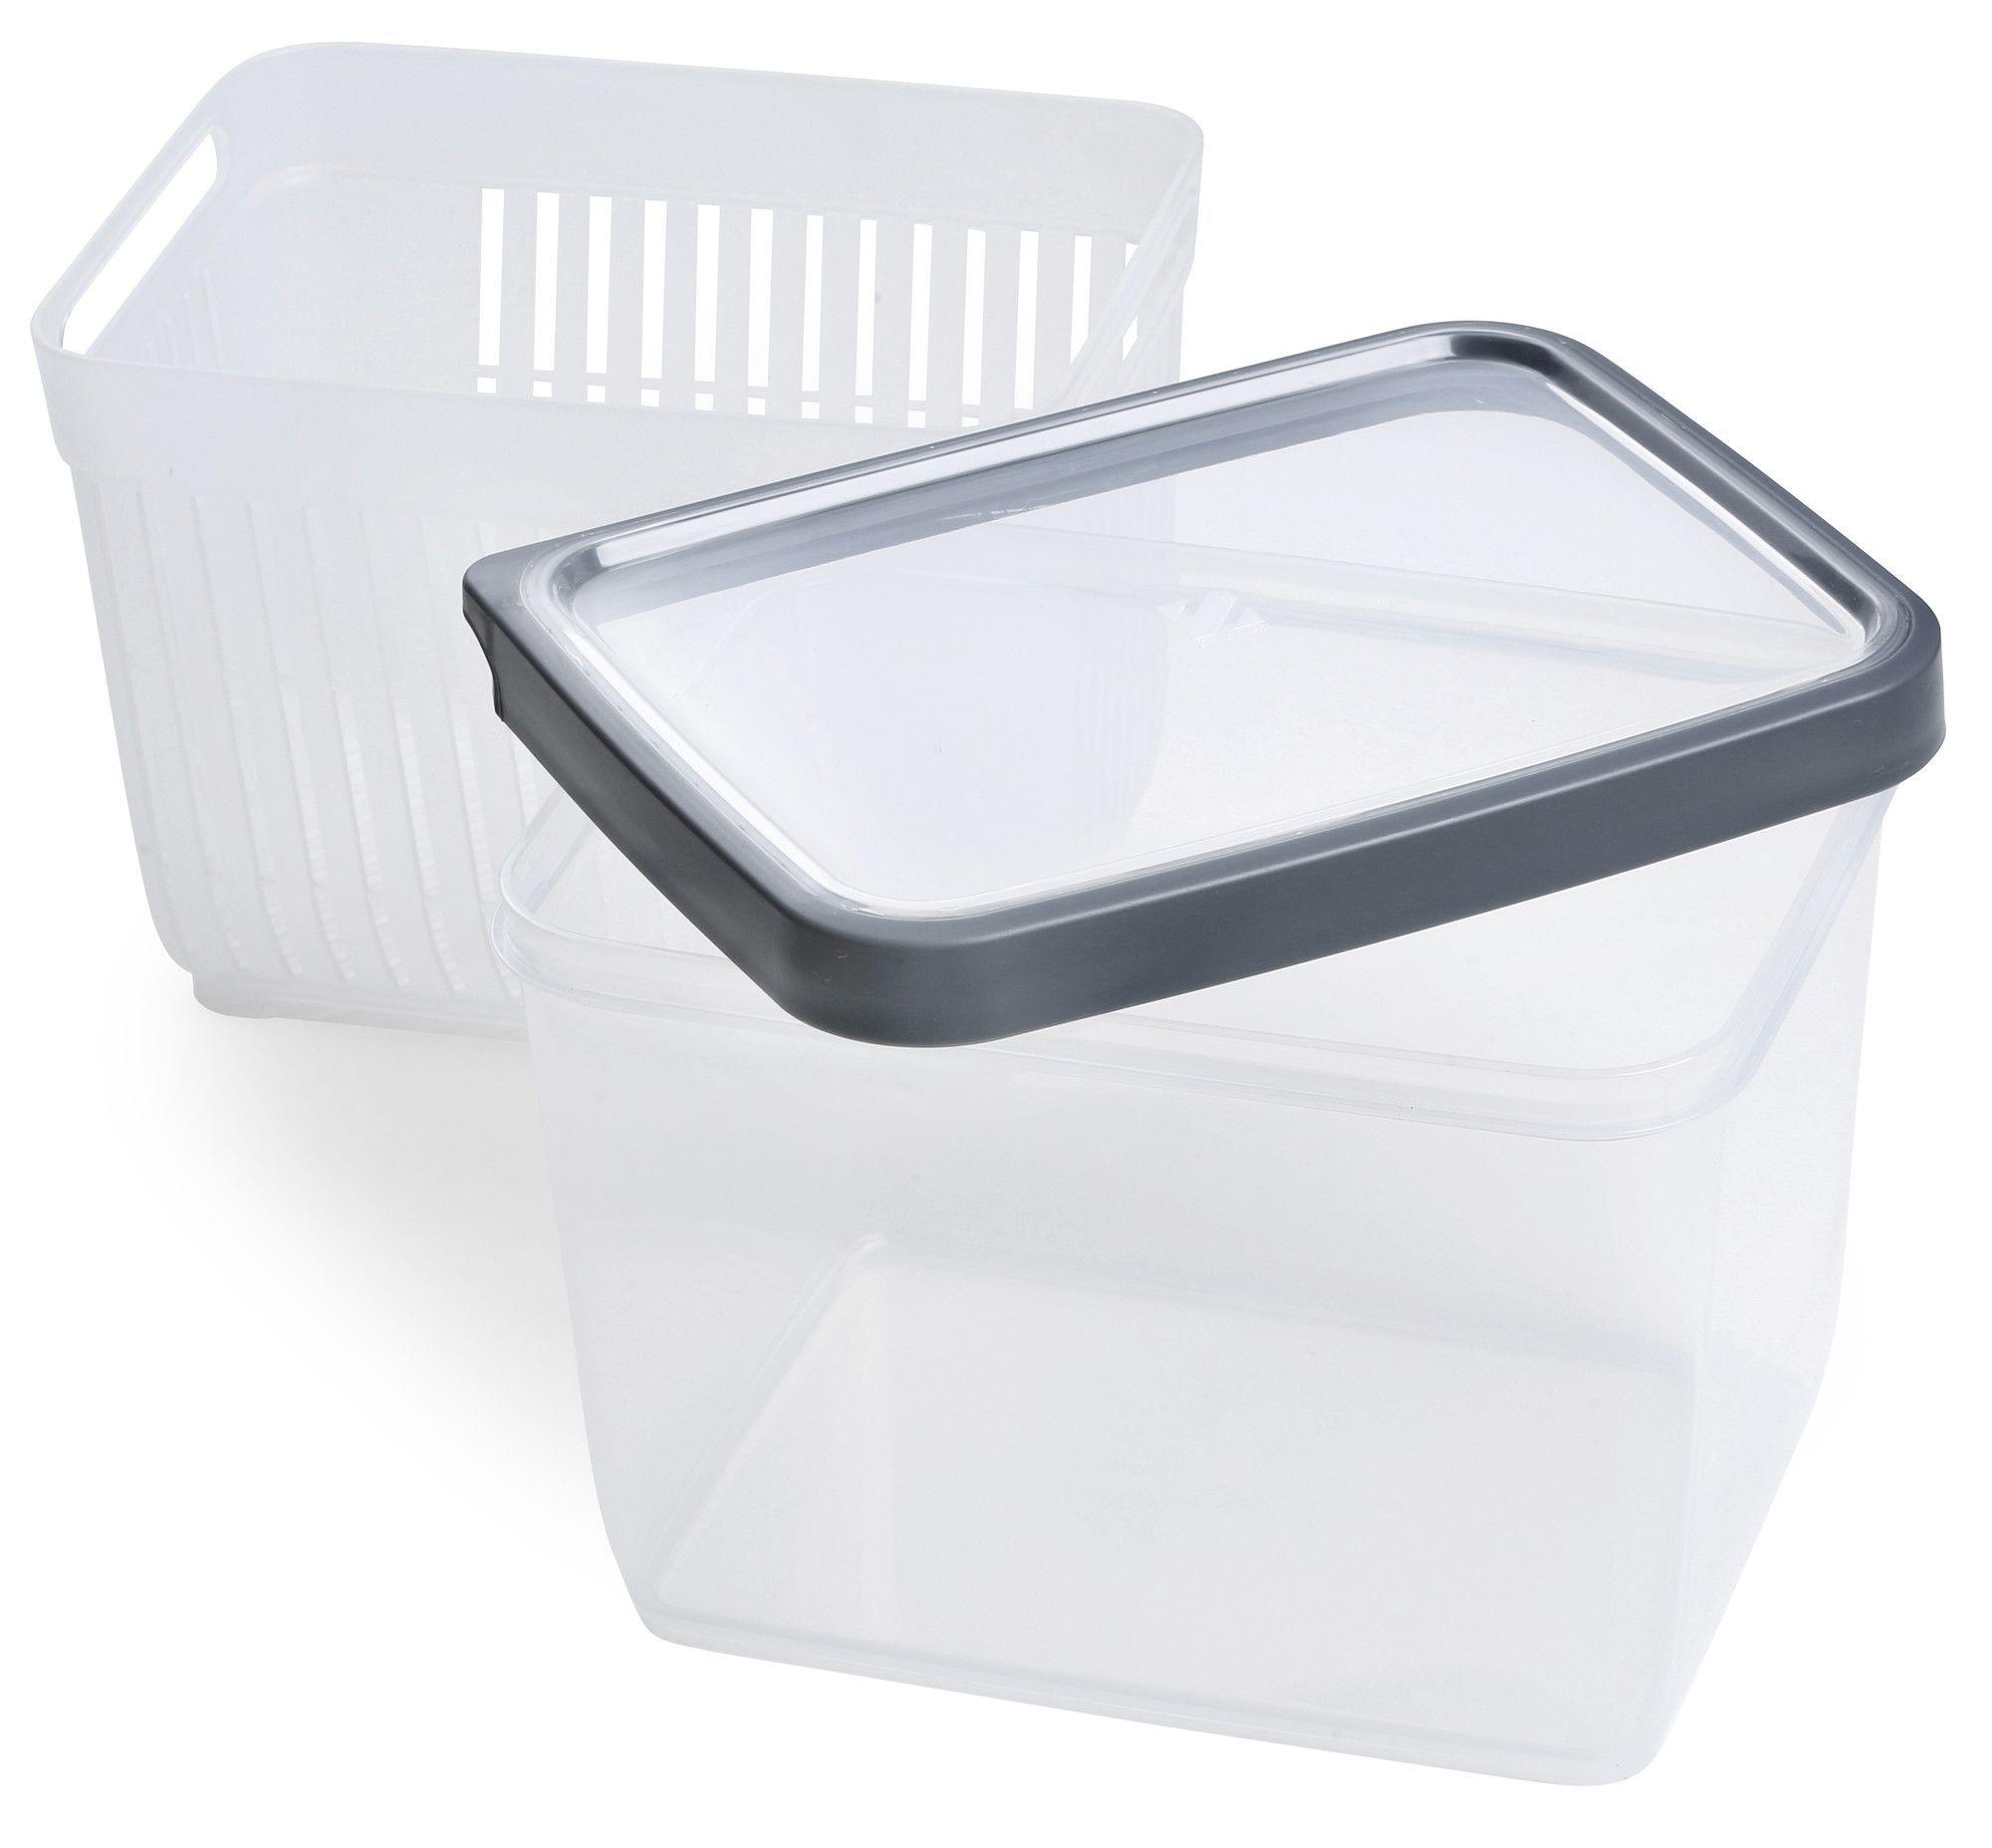 Zakarian Geoffrey Fridge 3 Piece Food Storage Container Set